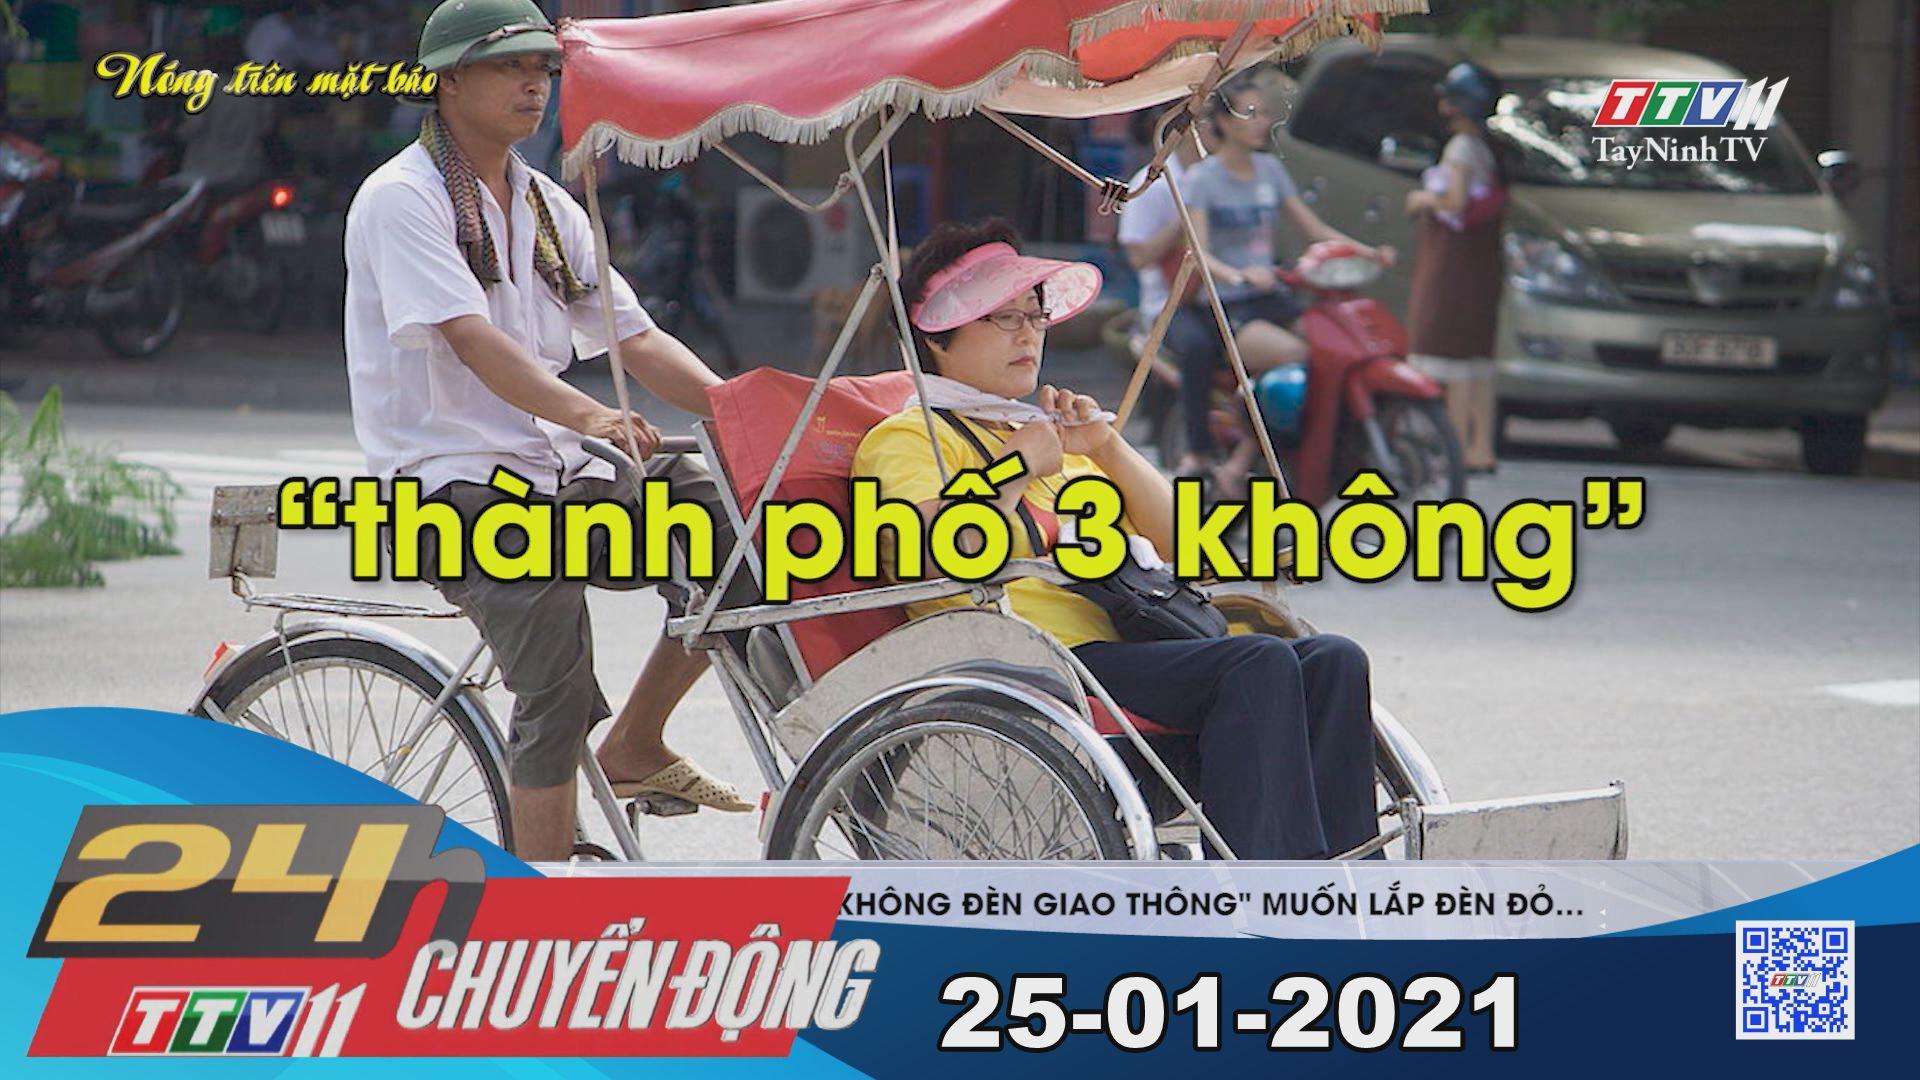 24h Chuyển động 25-01-2021 | Tin tức hôm nay | TayNinhTV